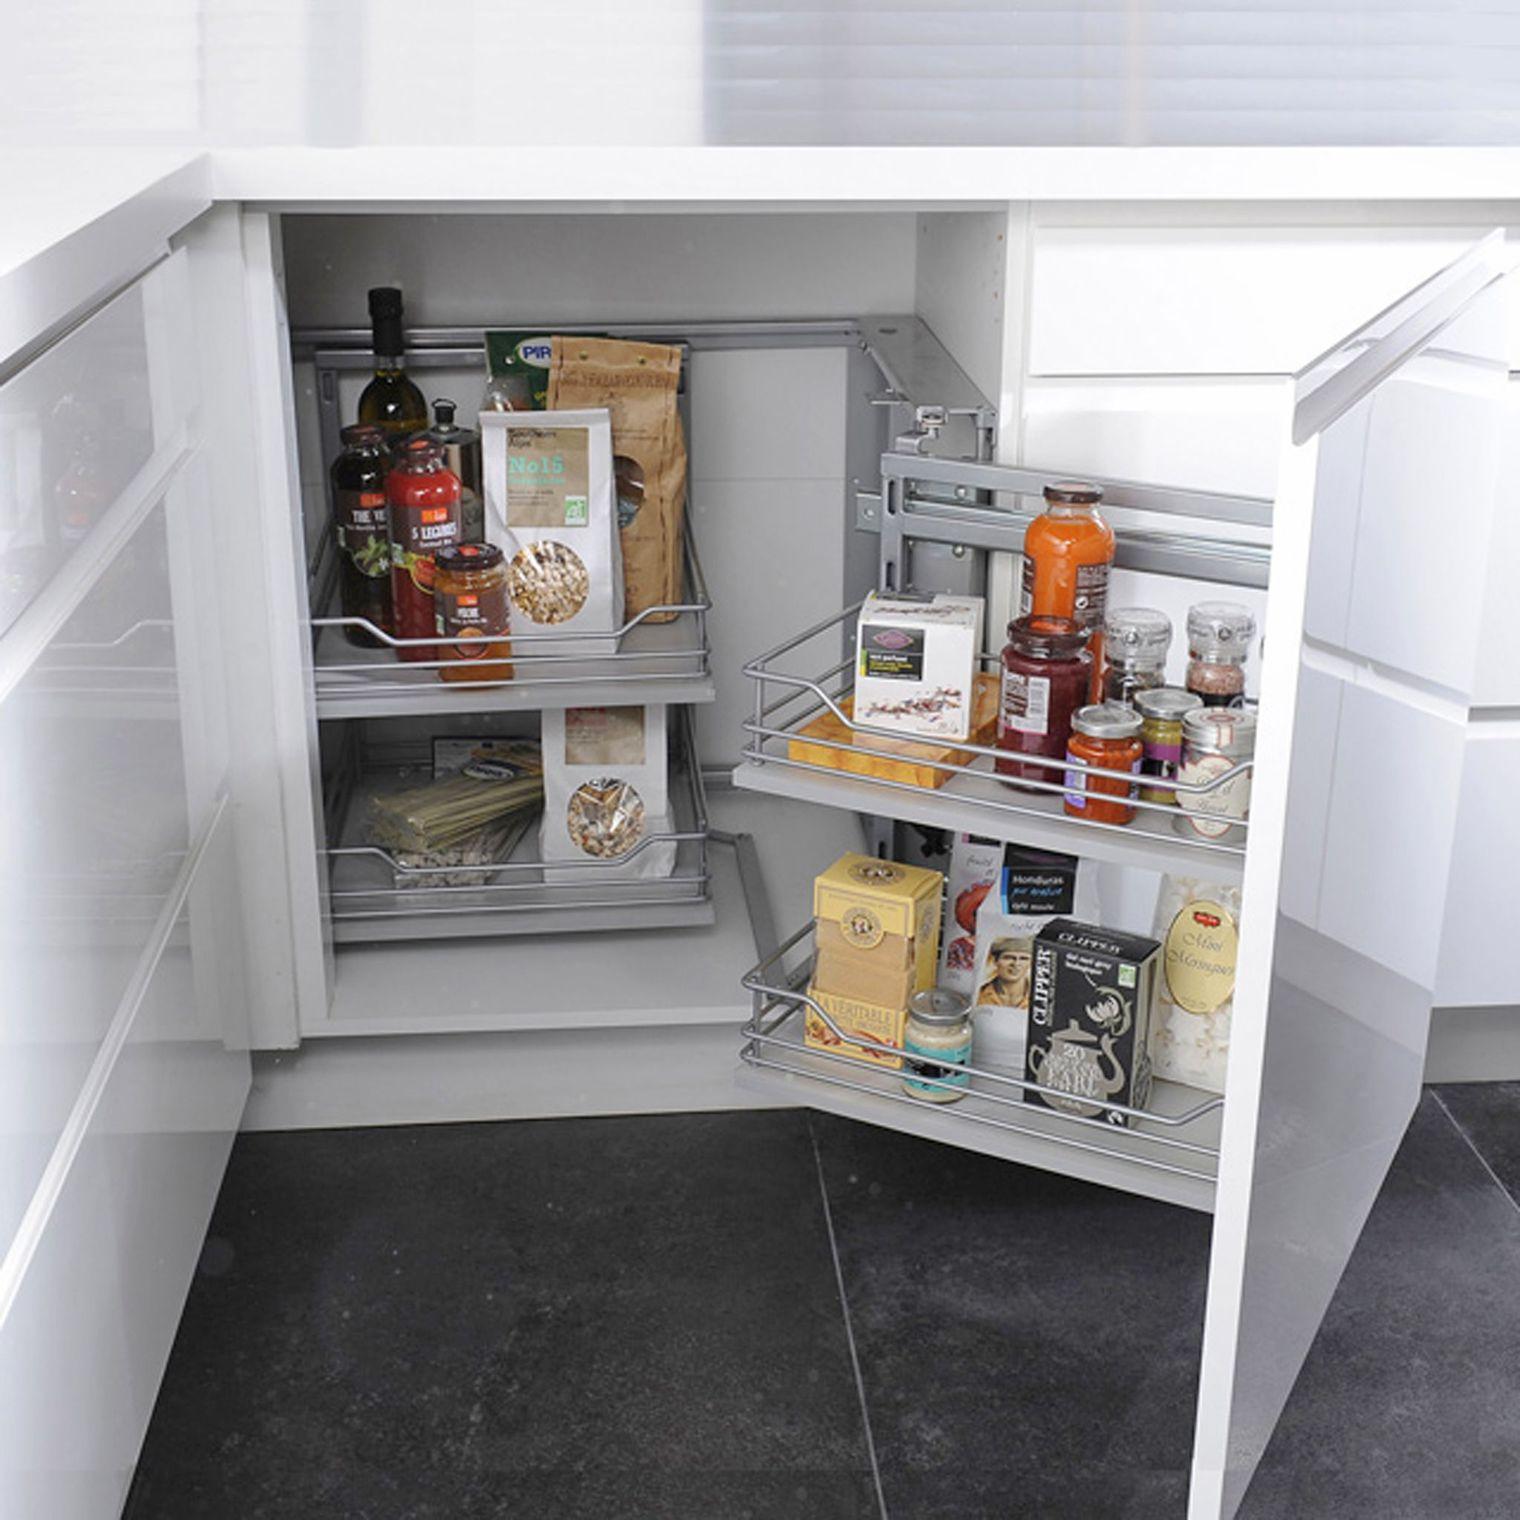 26 id es pour optimiser votre espace de rangement page 4 - Petite cuisine d angle ...